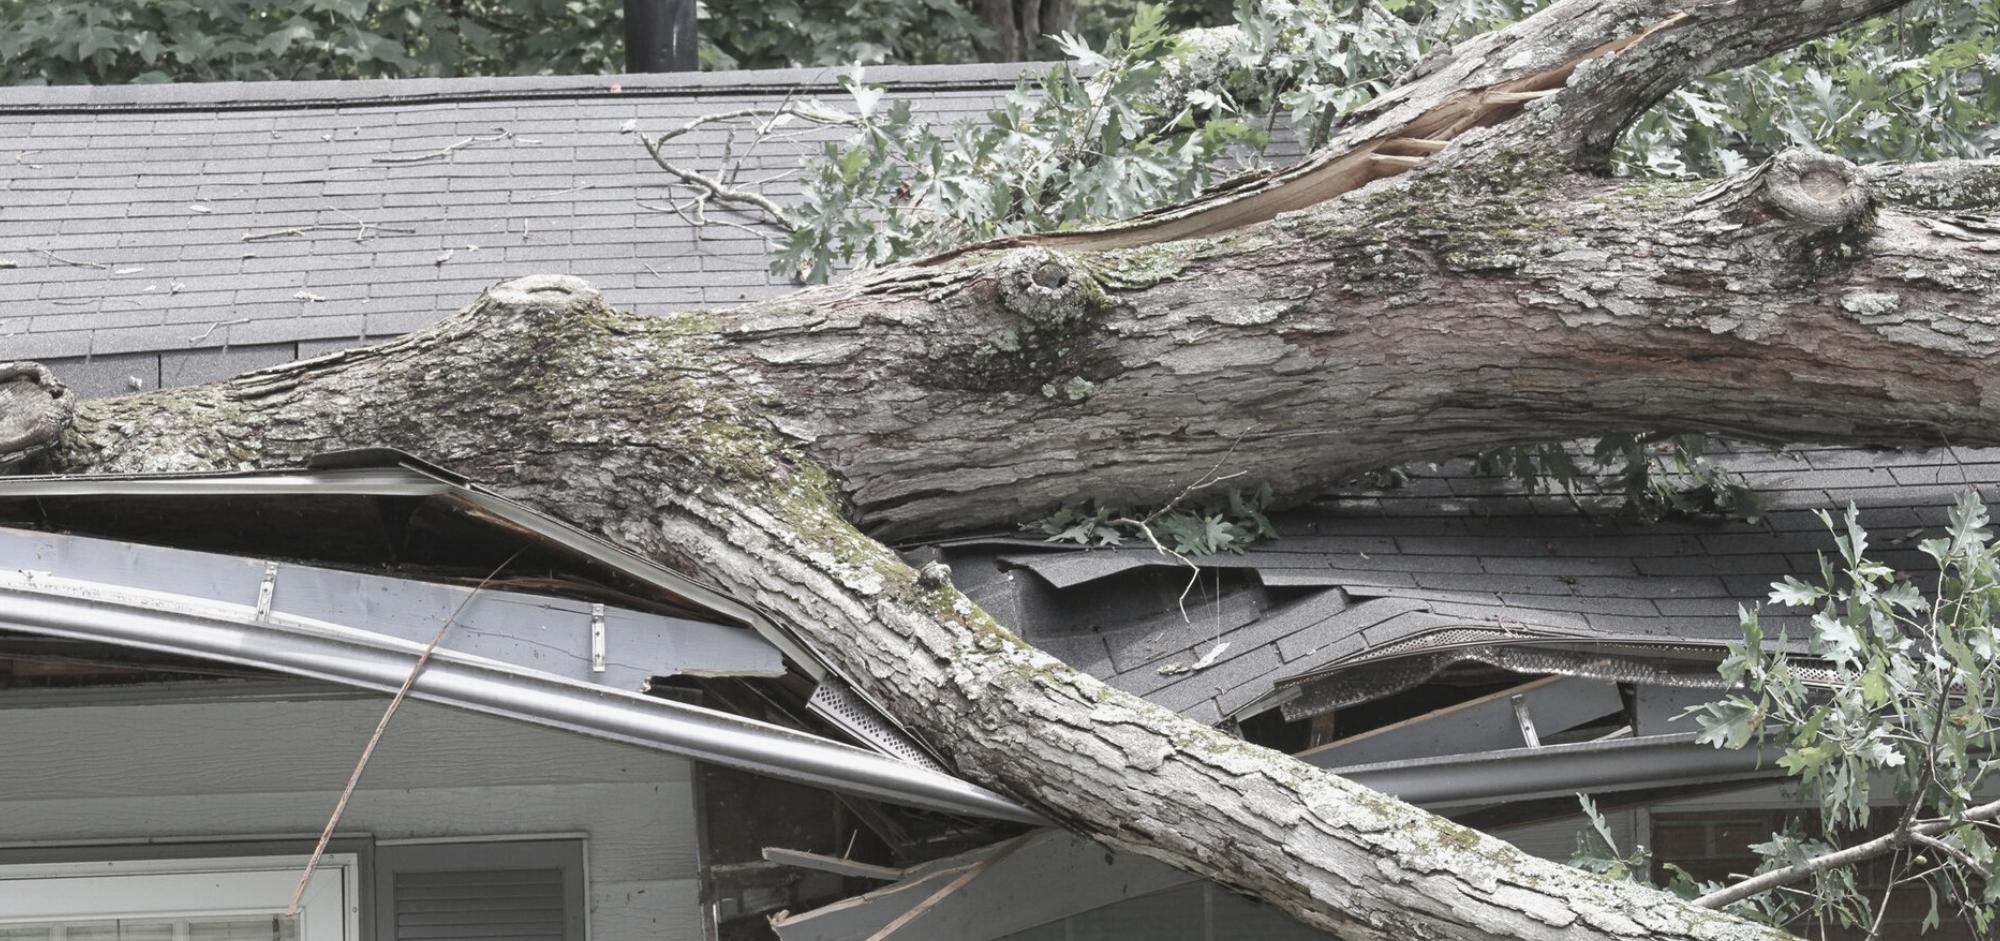 Les catastrophes naturelles ne sont pas couvertes par la garantie sur le bardeau